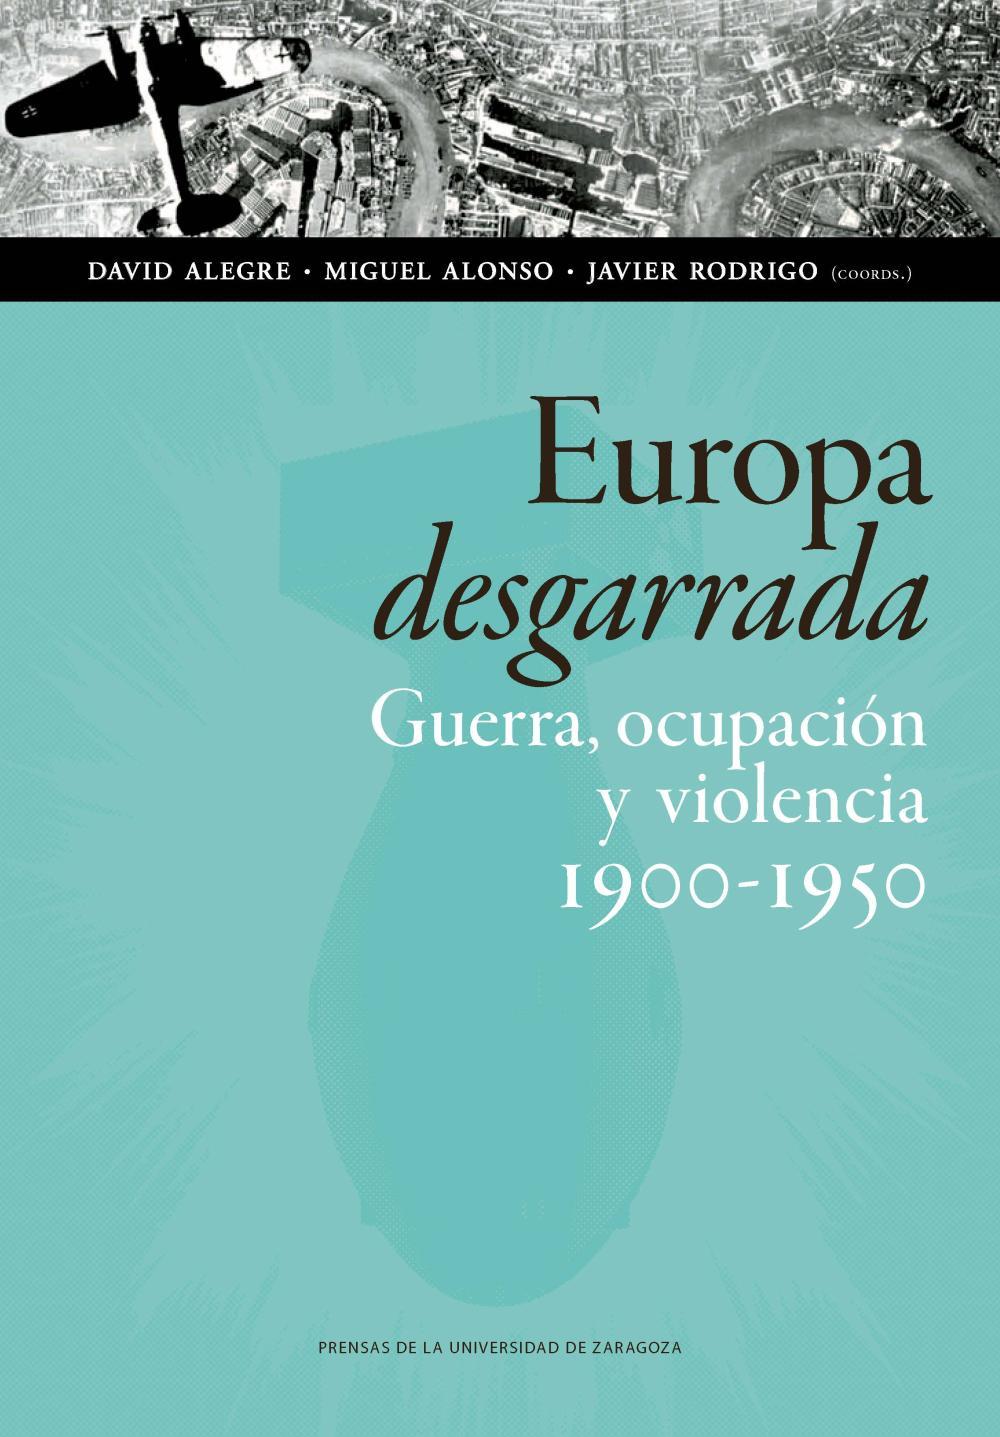 Europa desgarrada: guerra, ocupación y violencia, 1900-1950